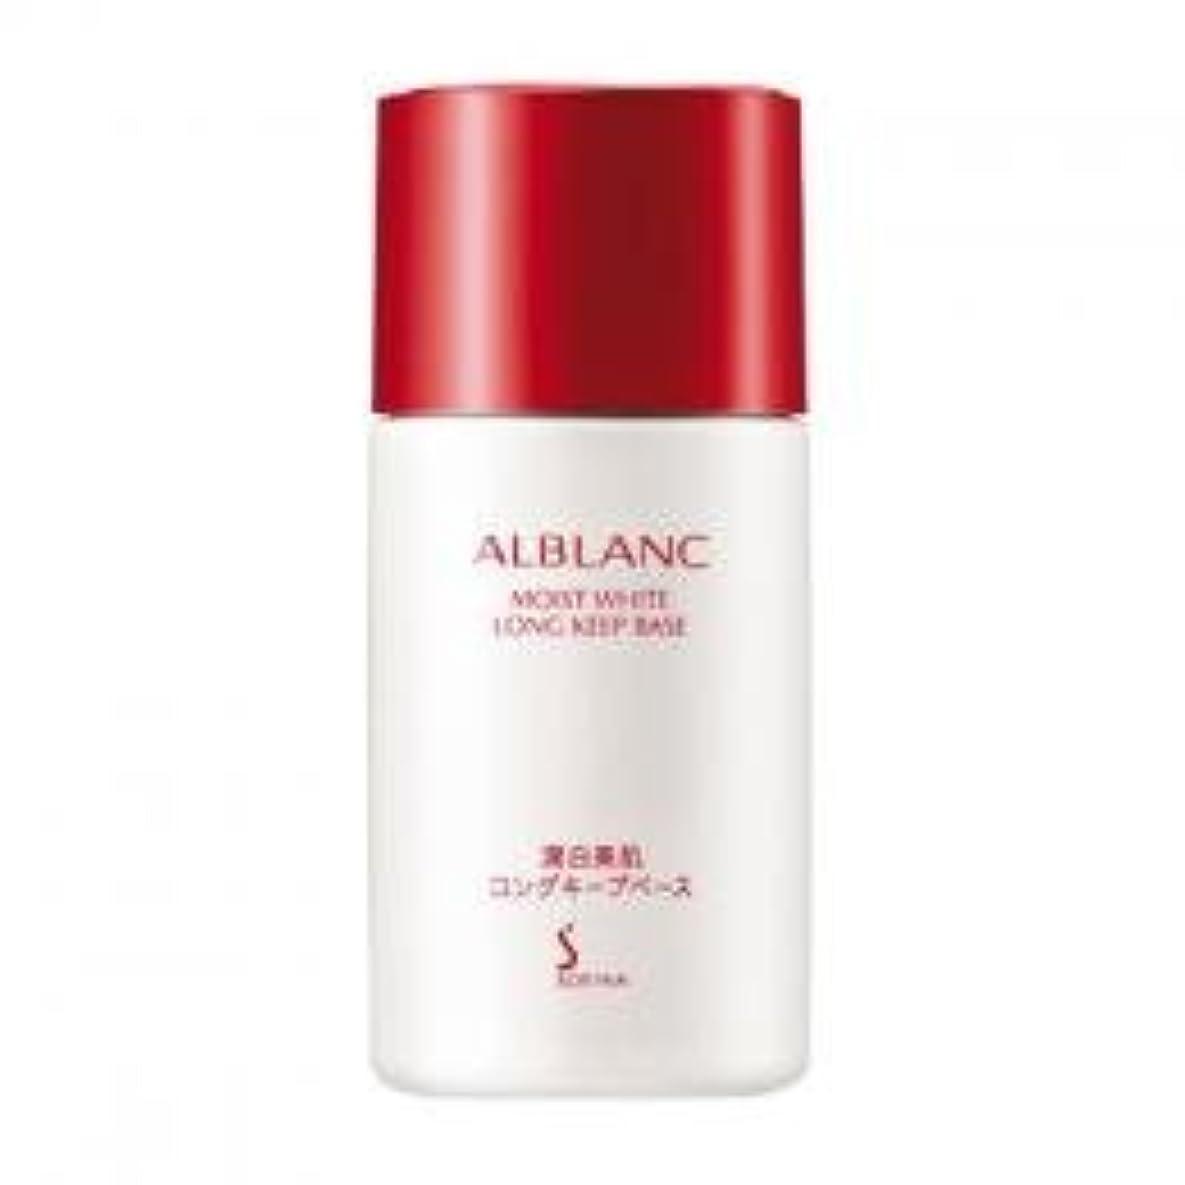 不均一動く毒液アルブラン 潤白美肌 ロングキープベース 25ml